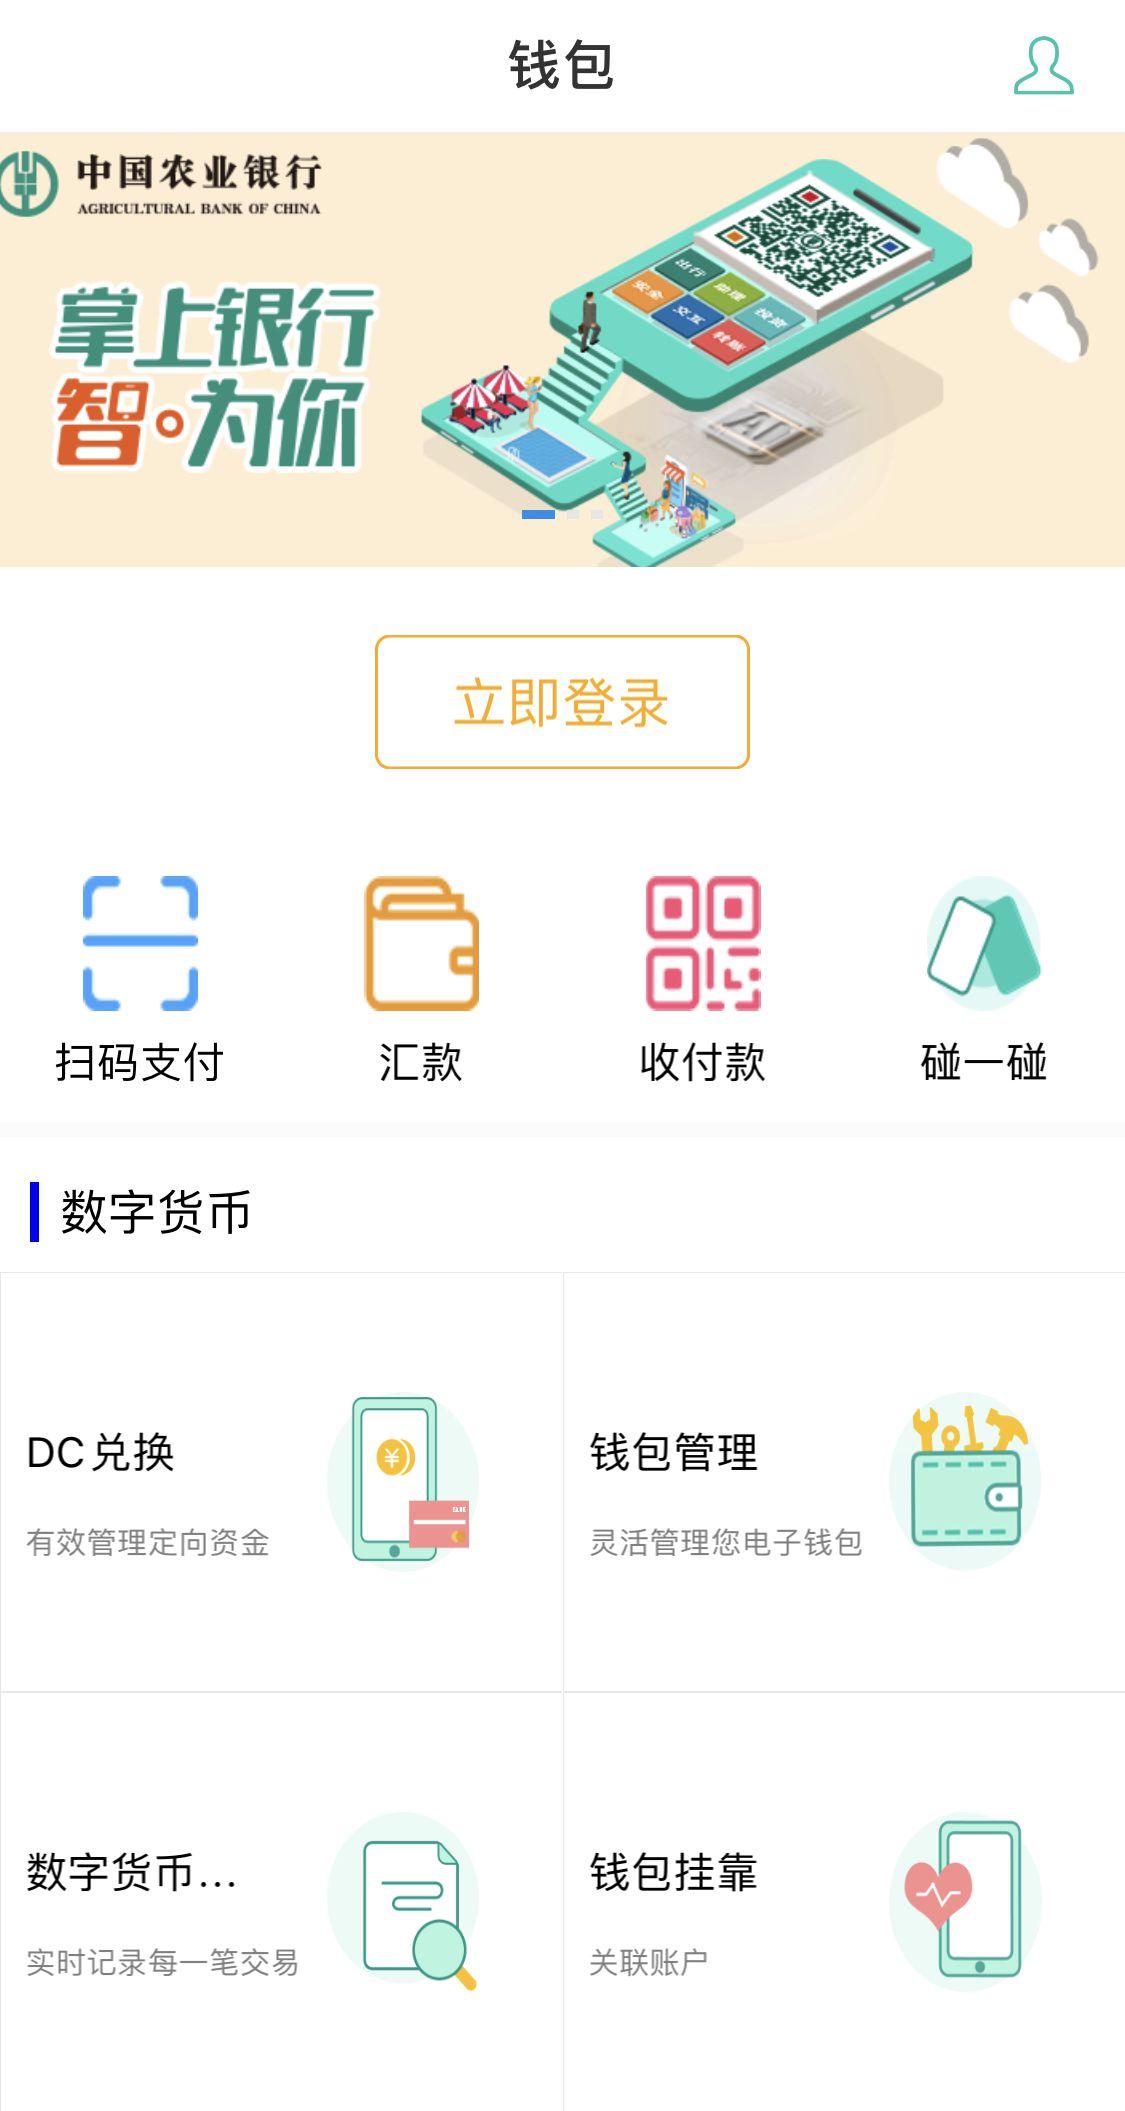 Интерфейс приложения, при помощи которого пользователи смогут работать с криптовалютой КНР